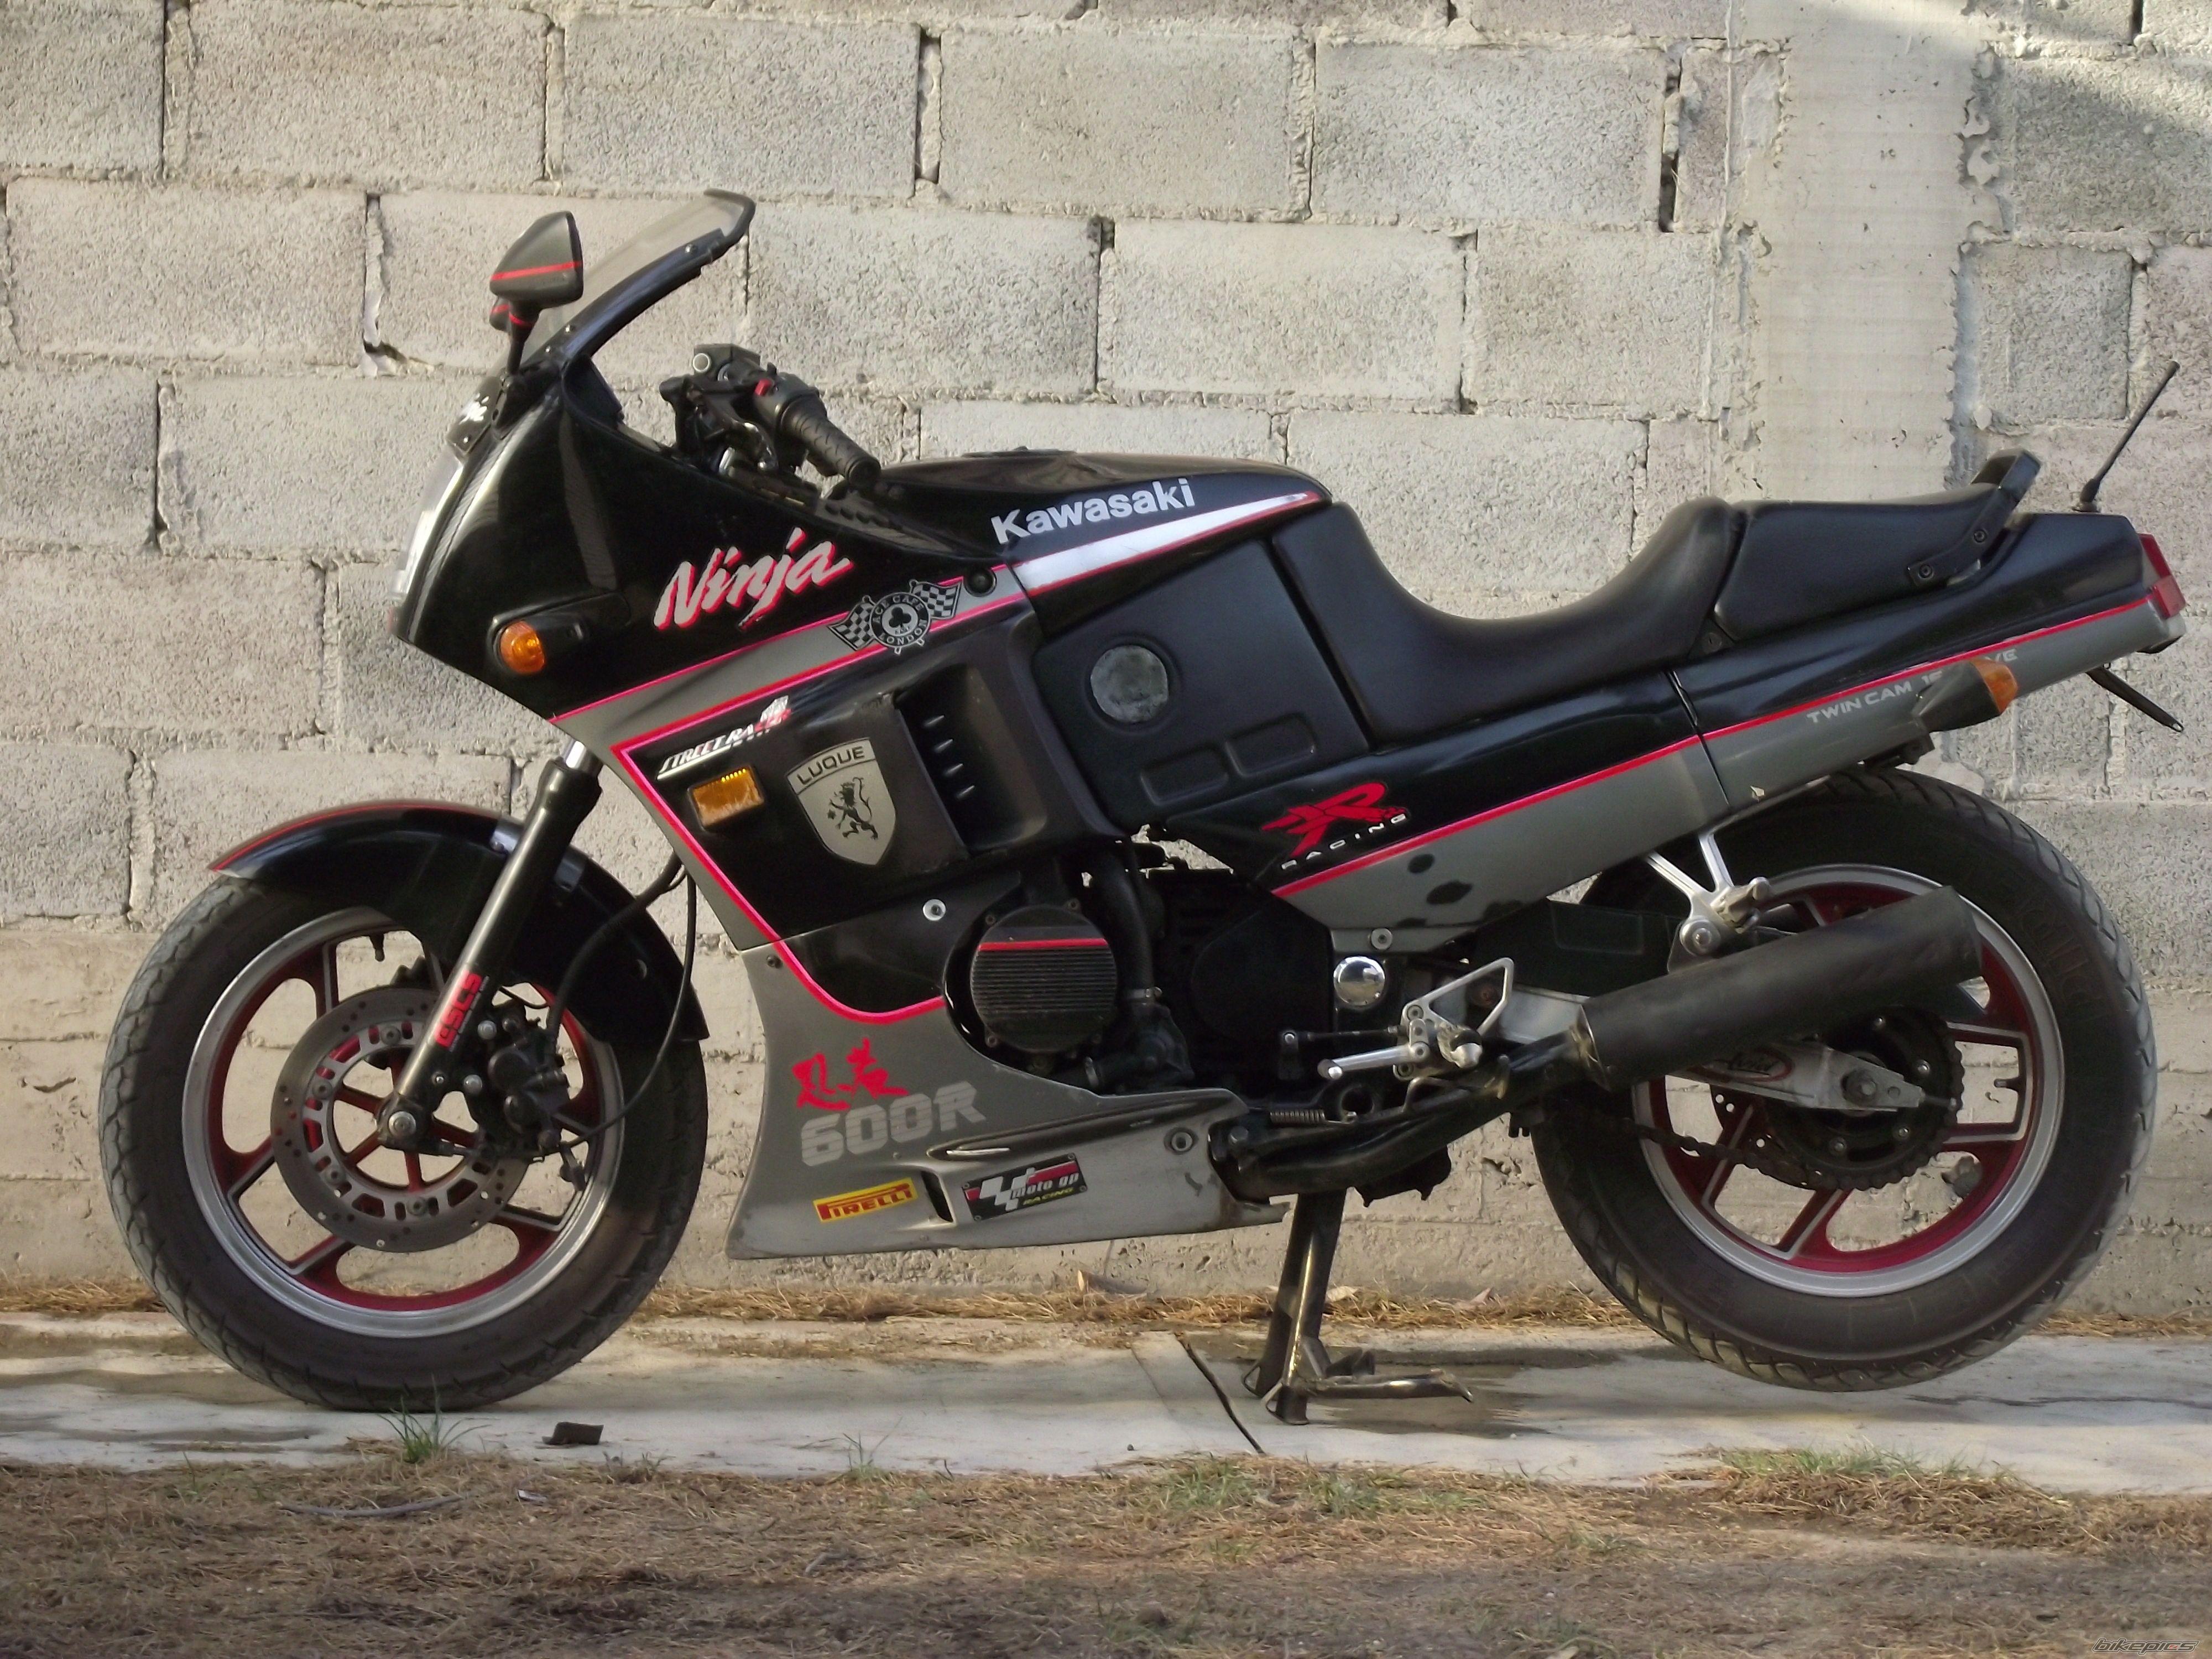 kawasaki gpx 600r ninja 2 wheeler world pinterest motorcycle rh pinterest com Kawasaki GPZ 550 1984 Kawasaki GPZ 900